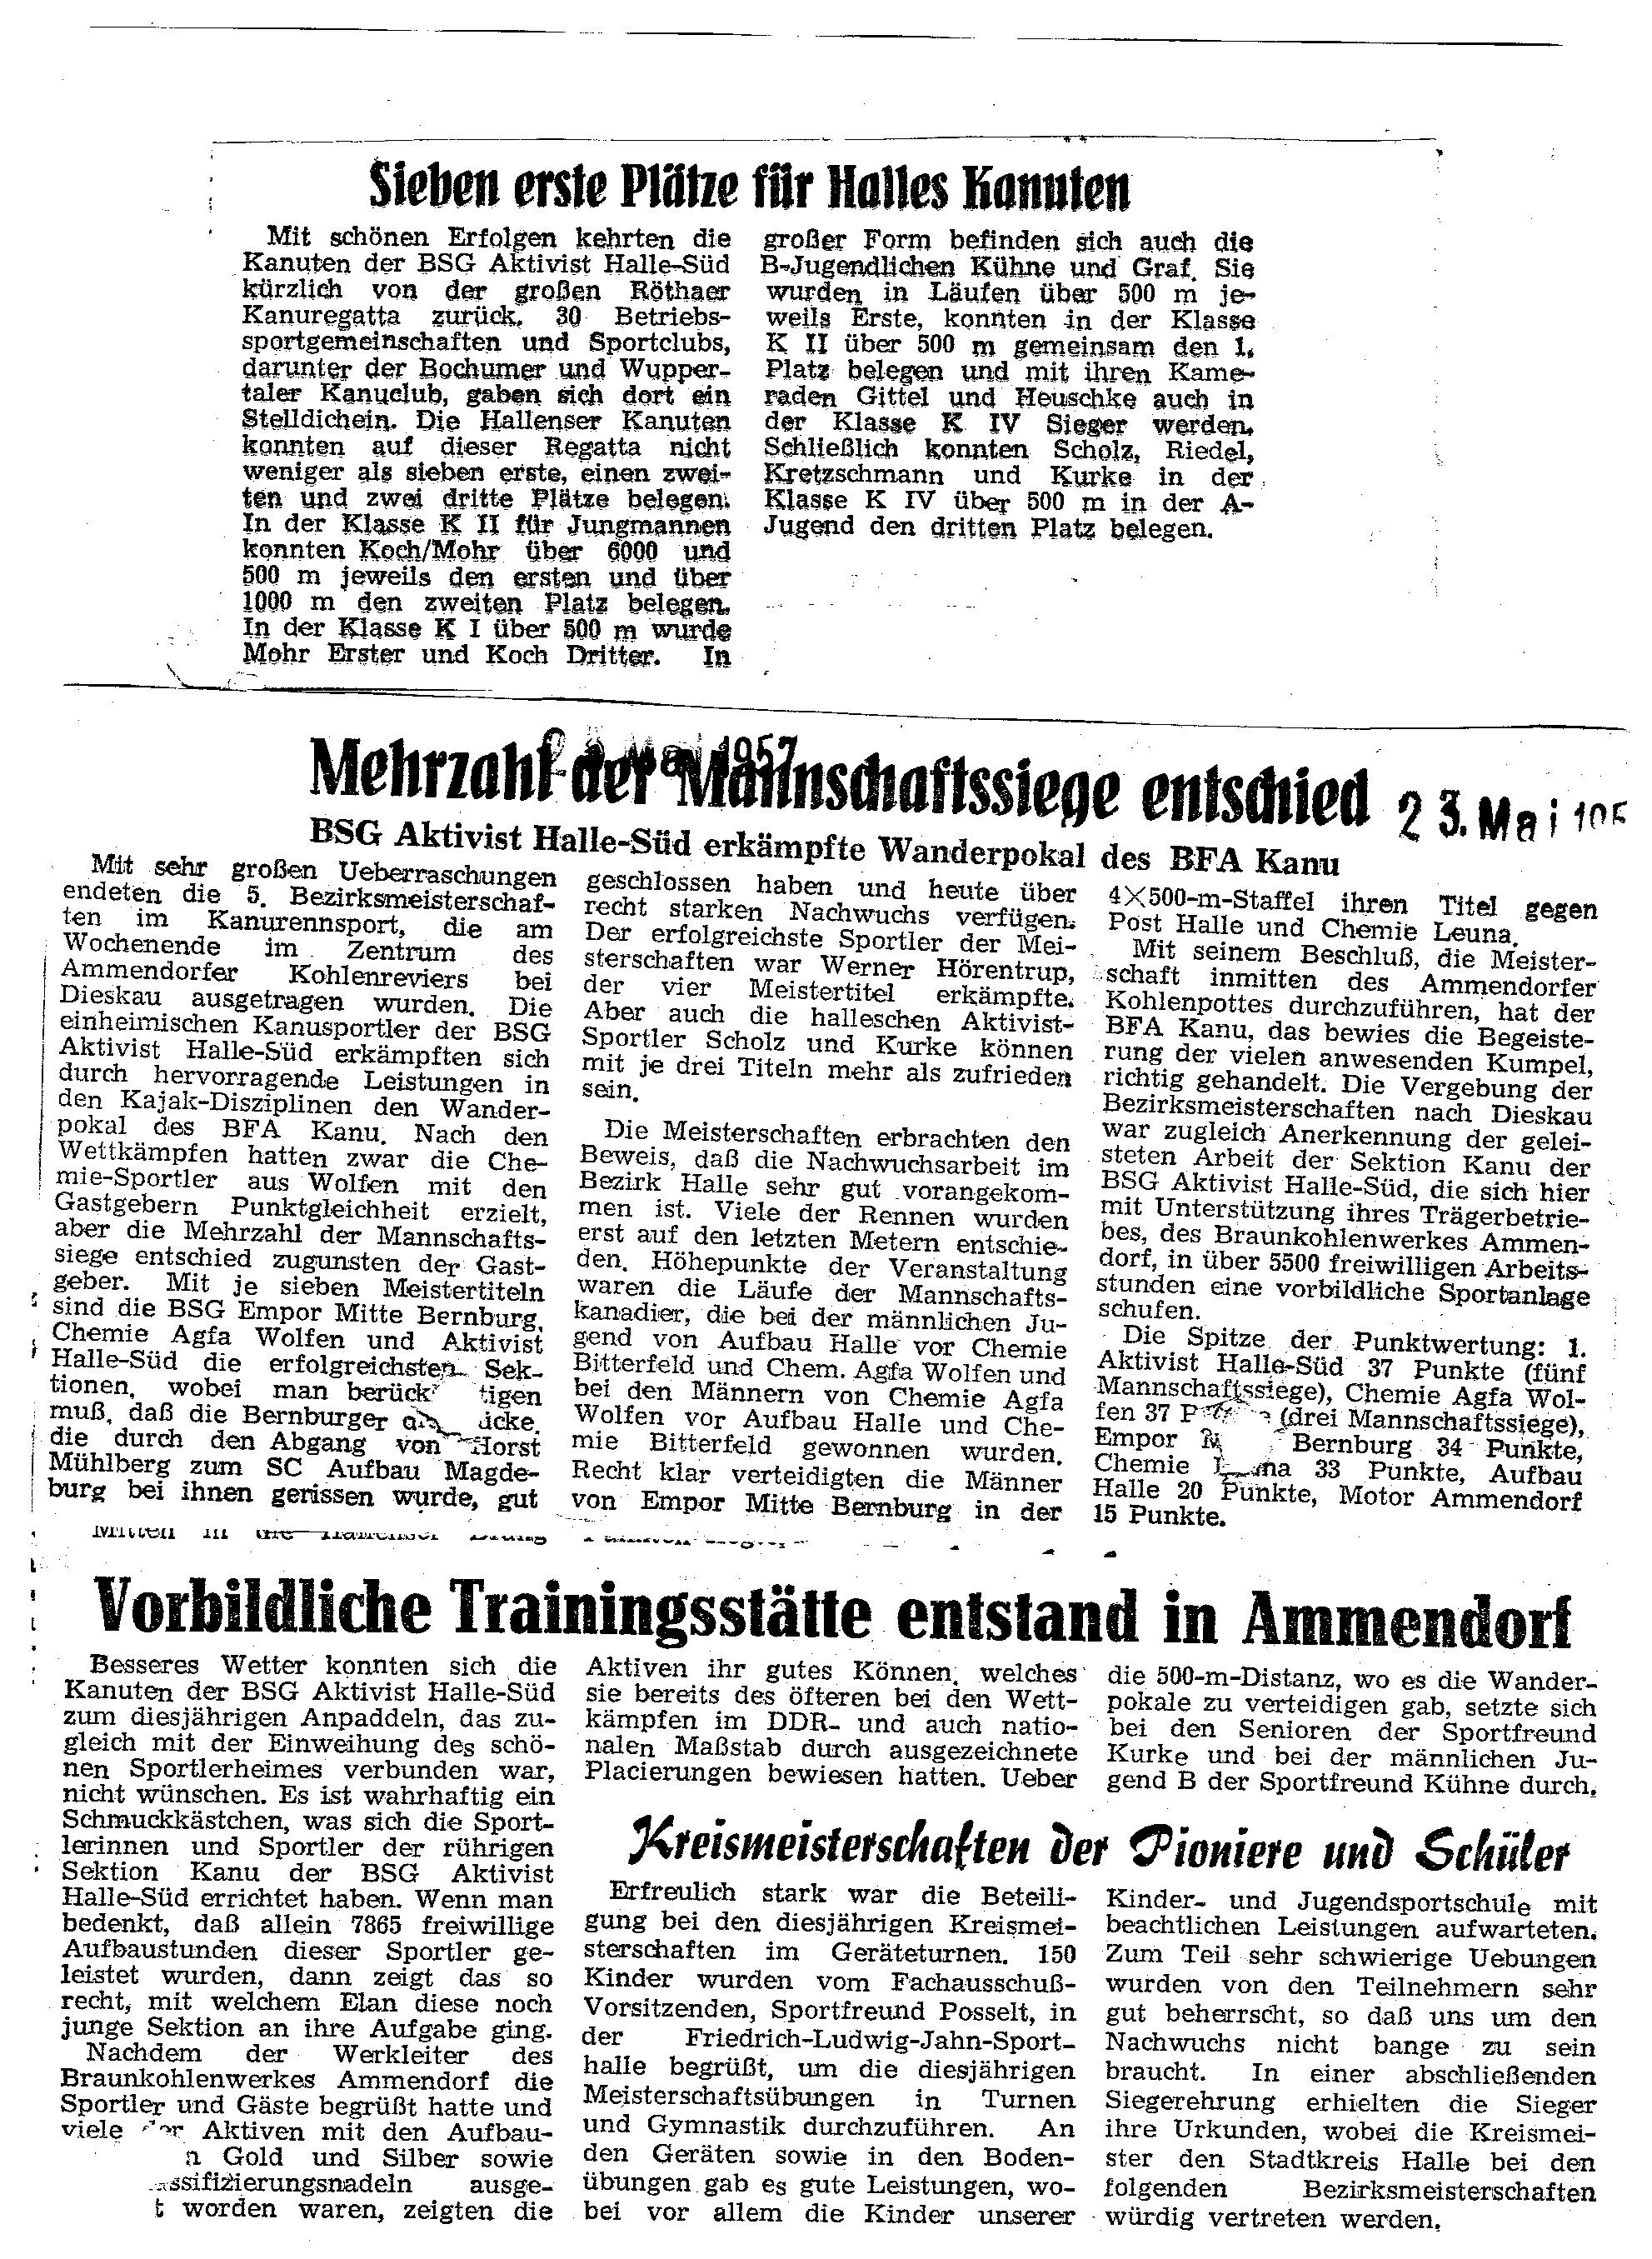 1957-05-23 Mehrzahl Mannschaftssiege entschied, vorbildliche Trainingsstätte entstand in ammendorf